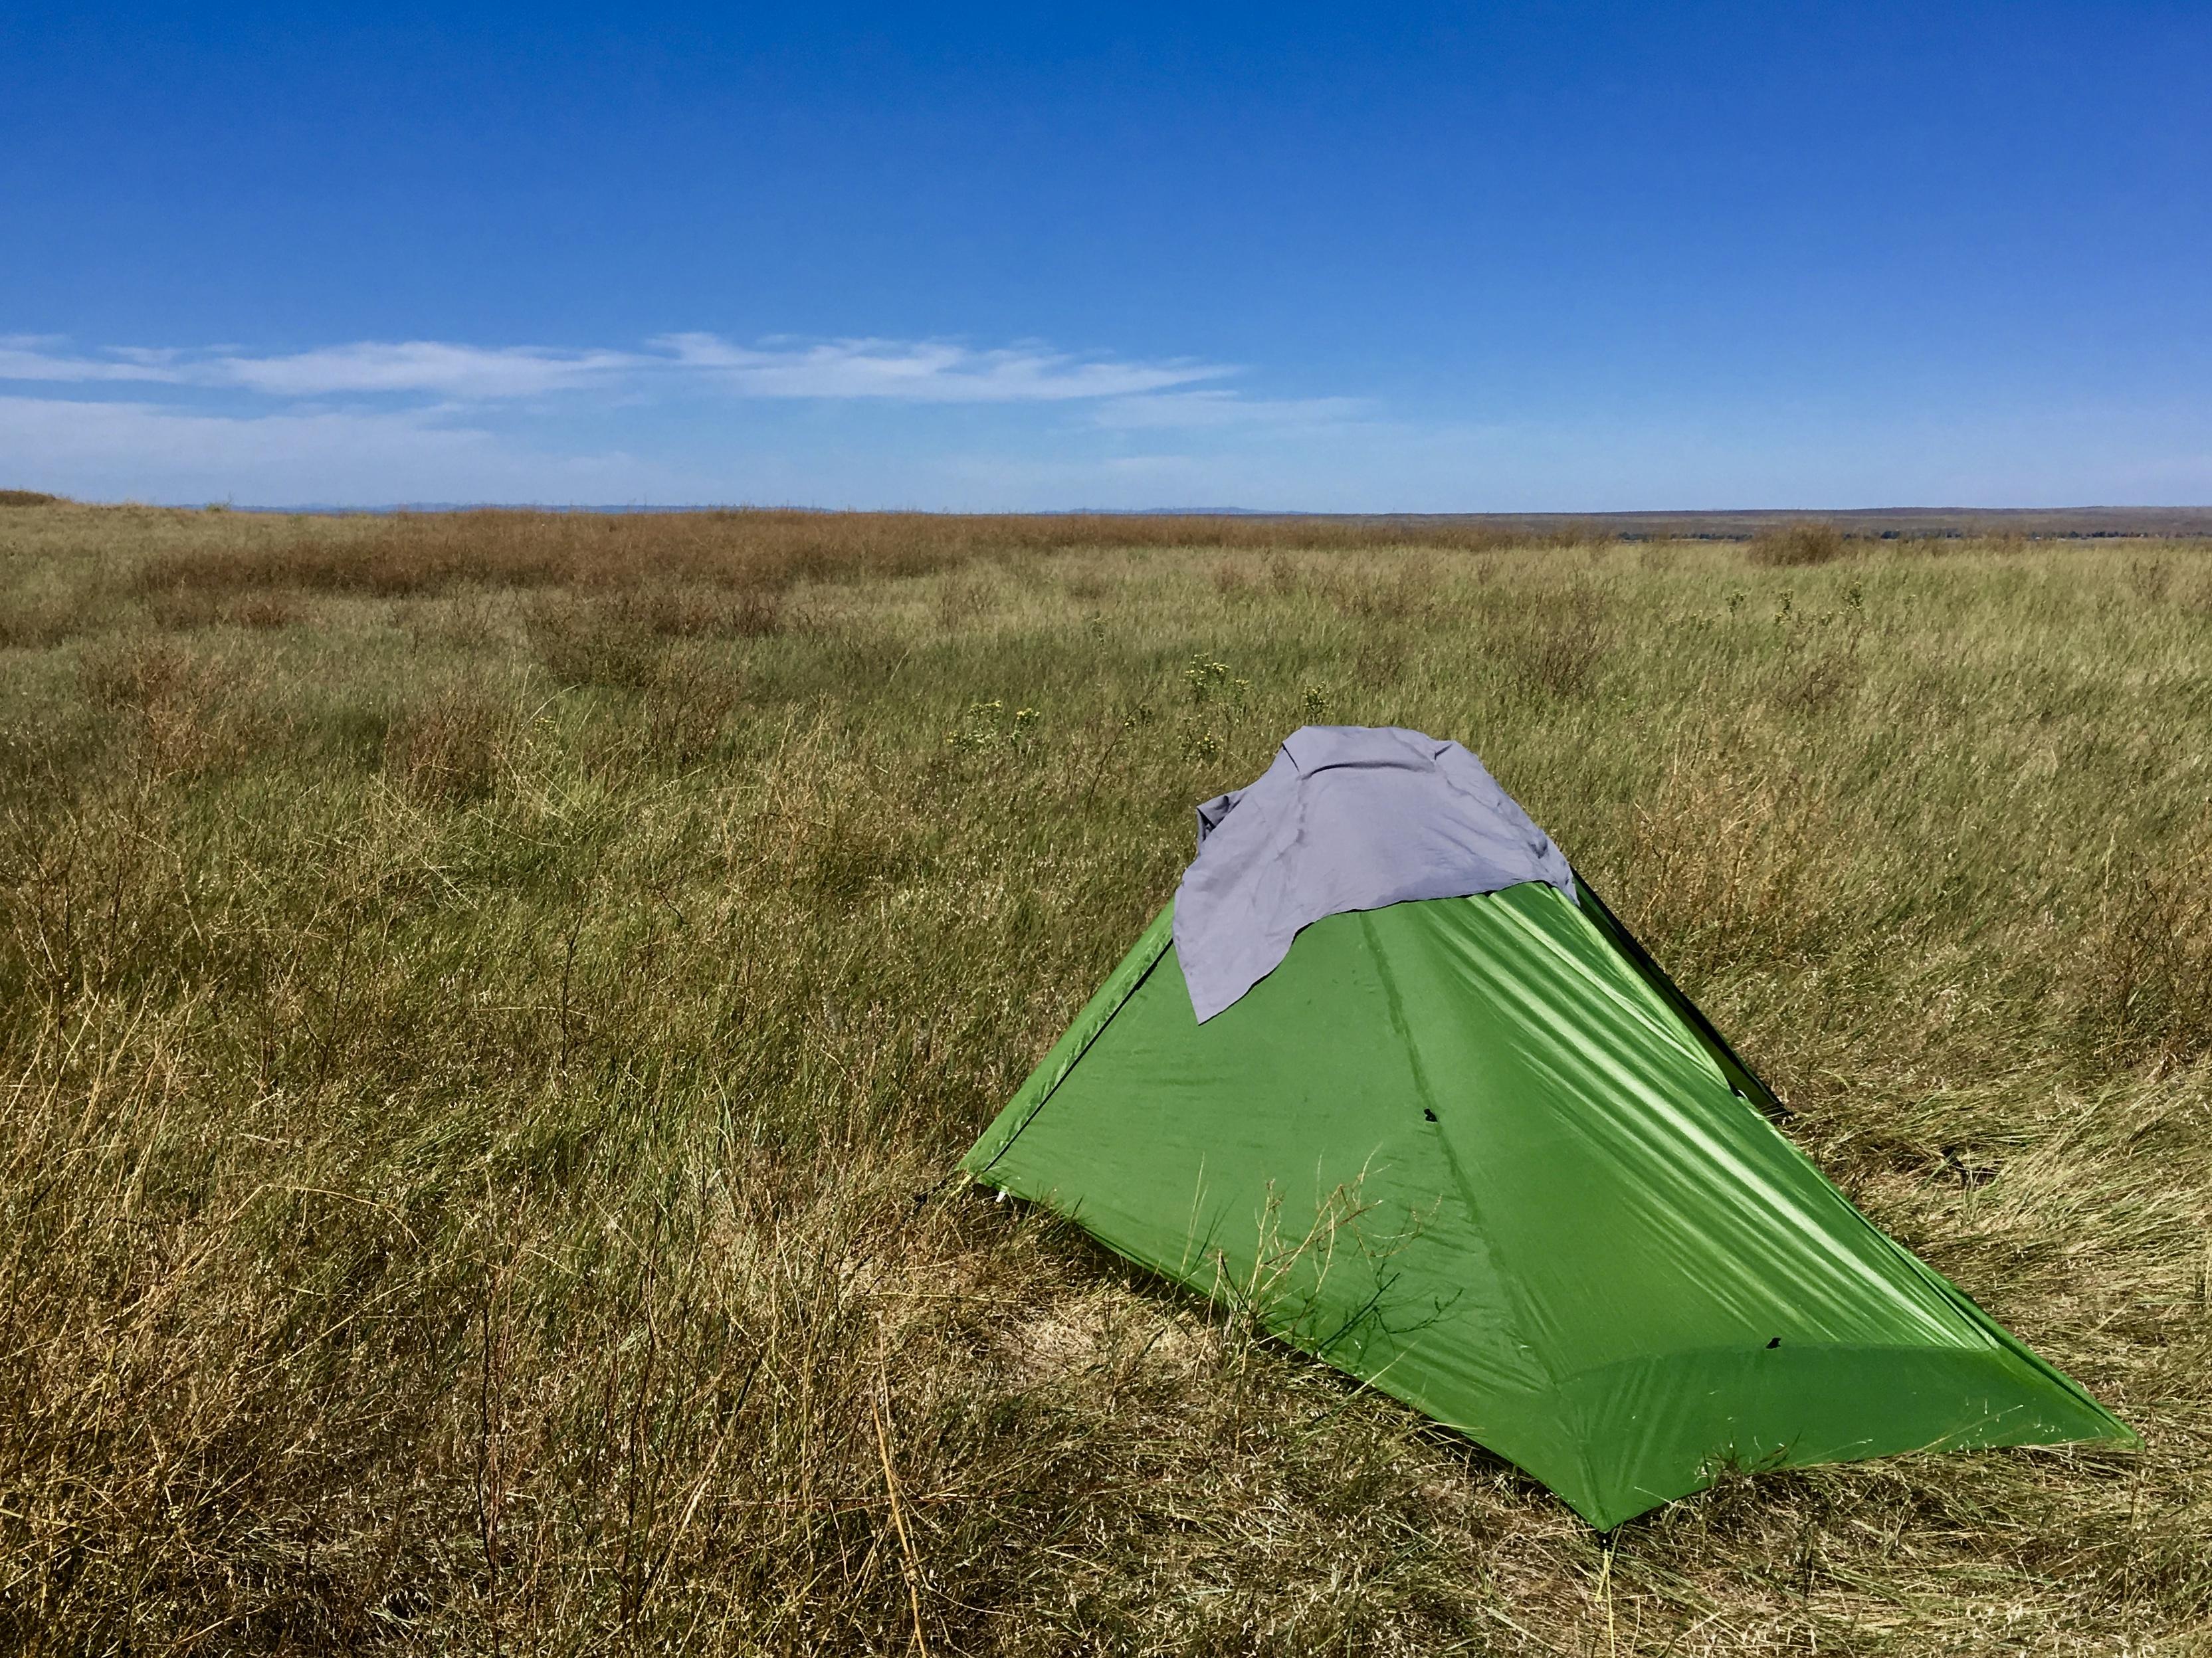 Pony's tent in the Oglala National Grasslands, Nebraska